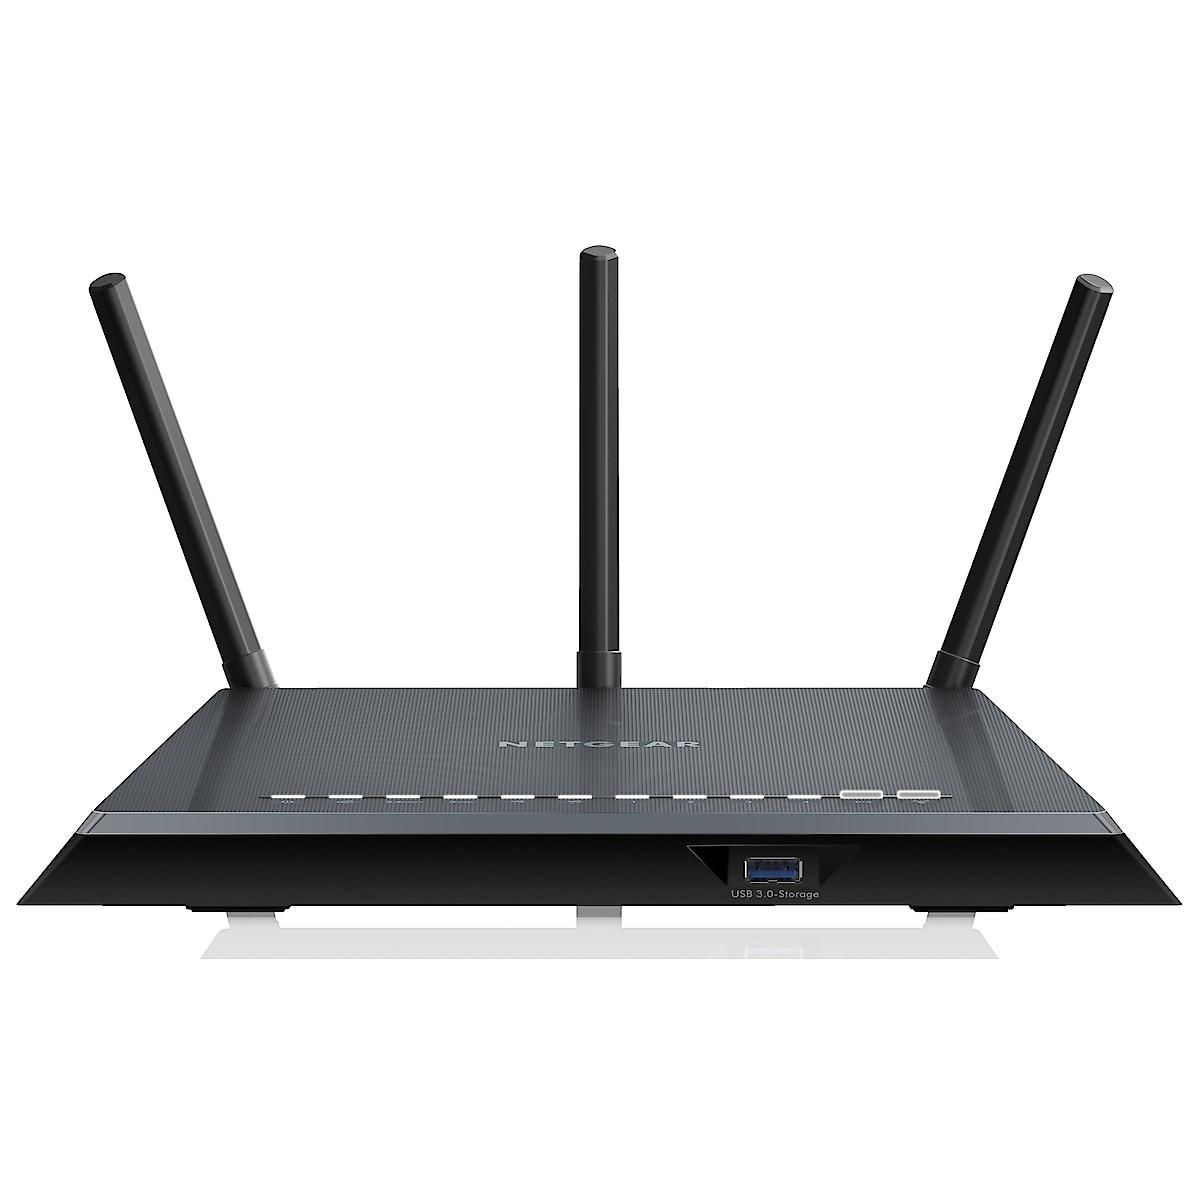 WLAN-AC-Router Netgear R6400